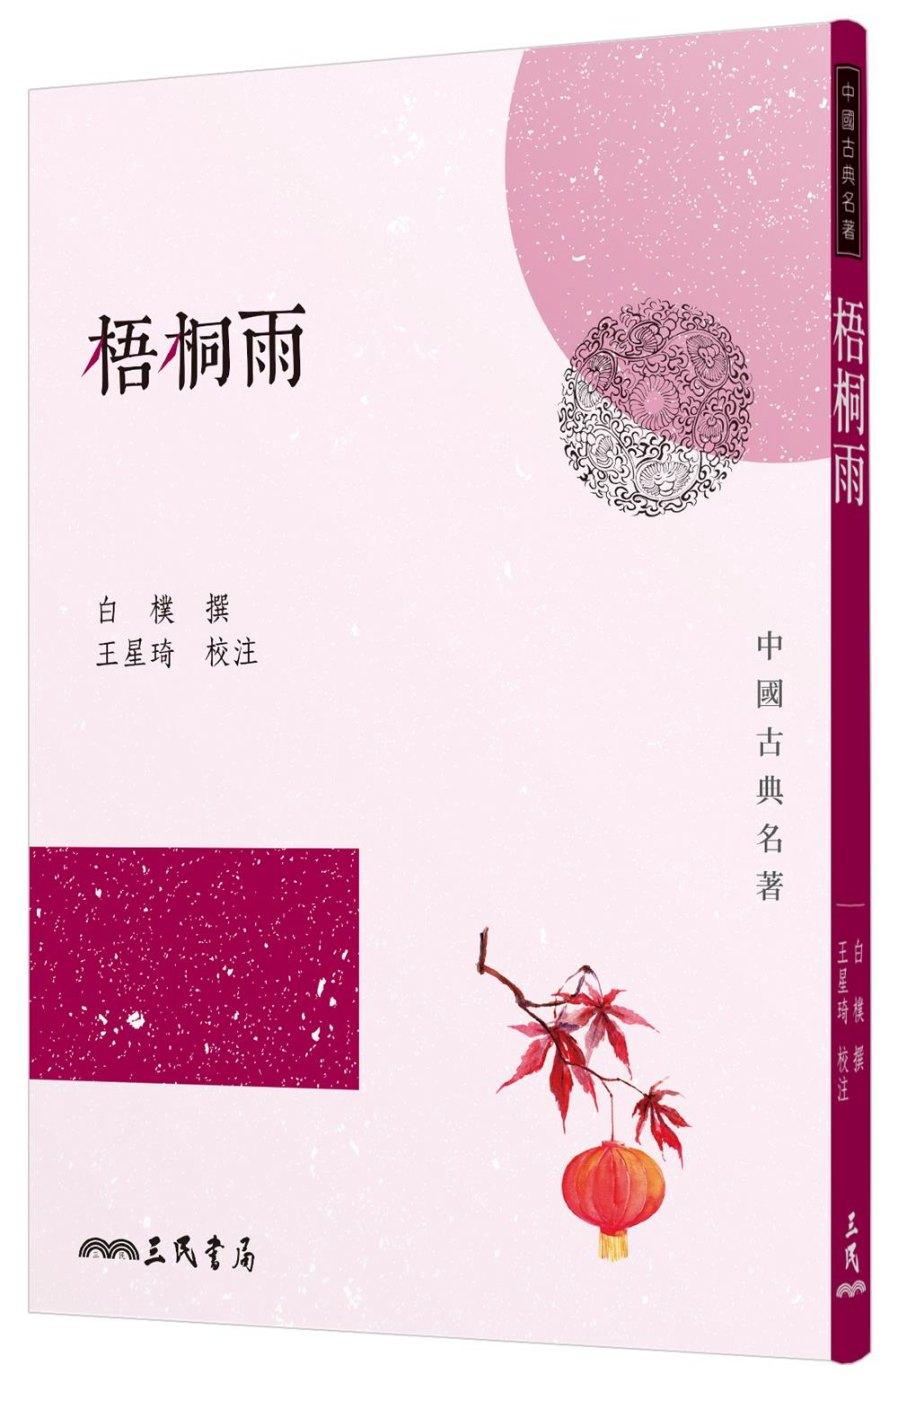 梧桐雨(二版)